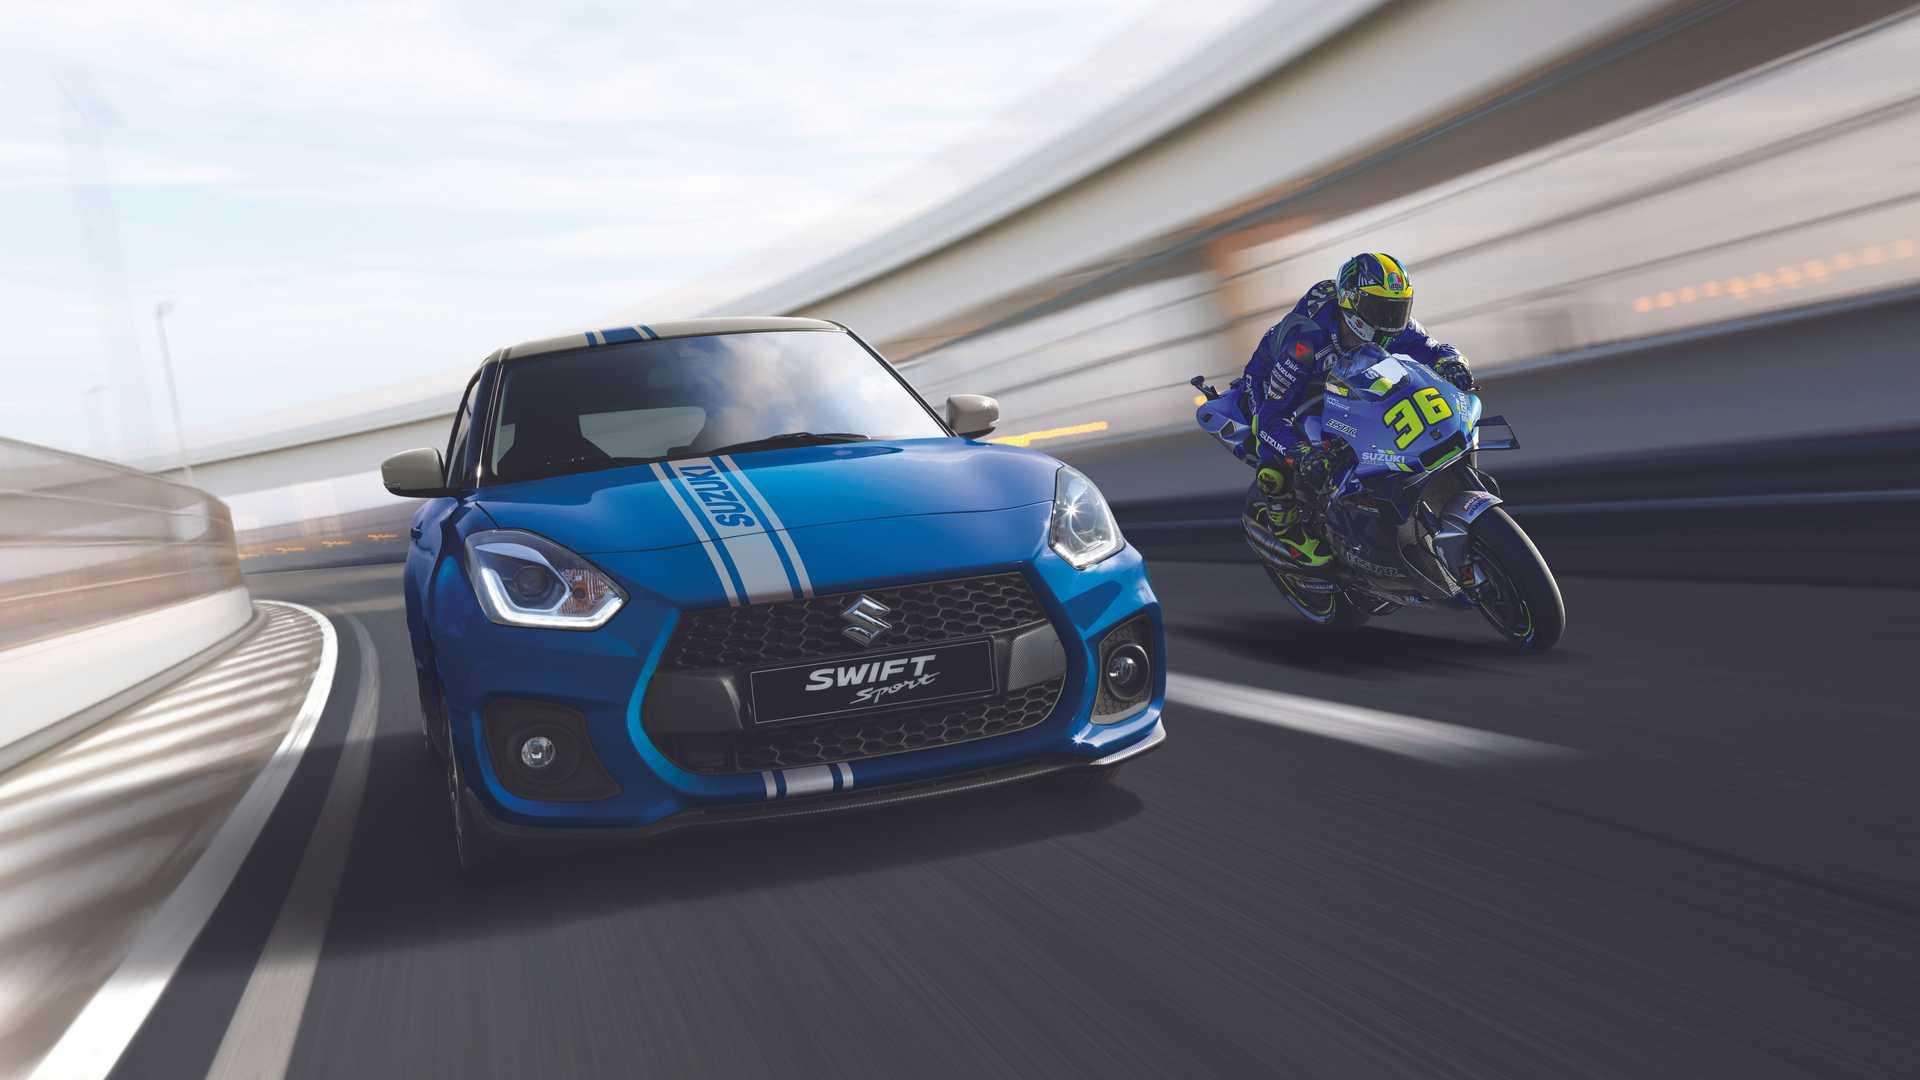 Suzuki celebra il settimo titolo MotoGP con 7 esemplari speciali di Swift